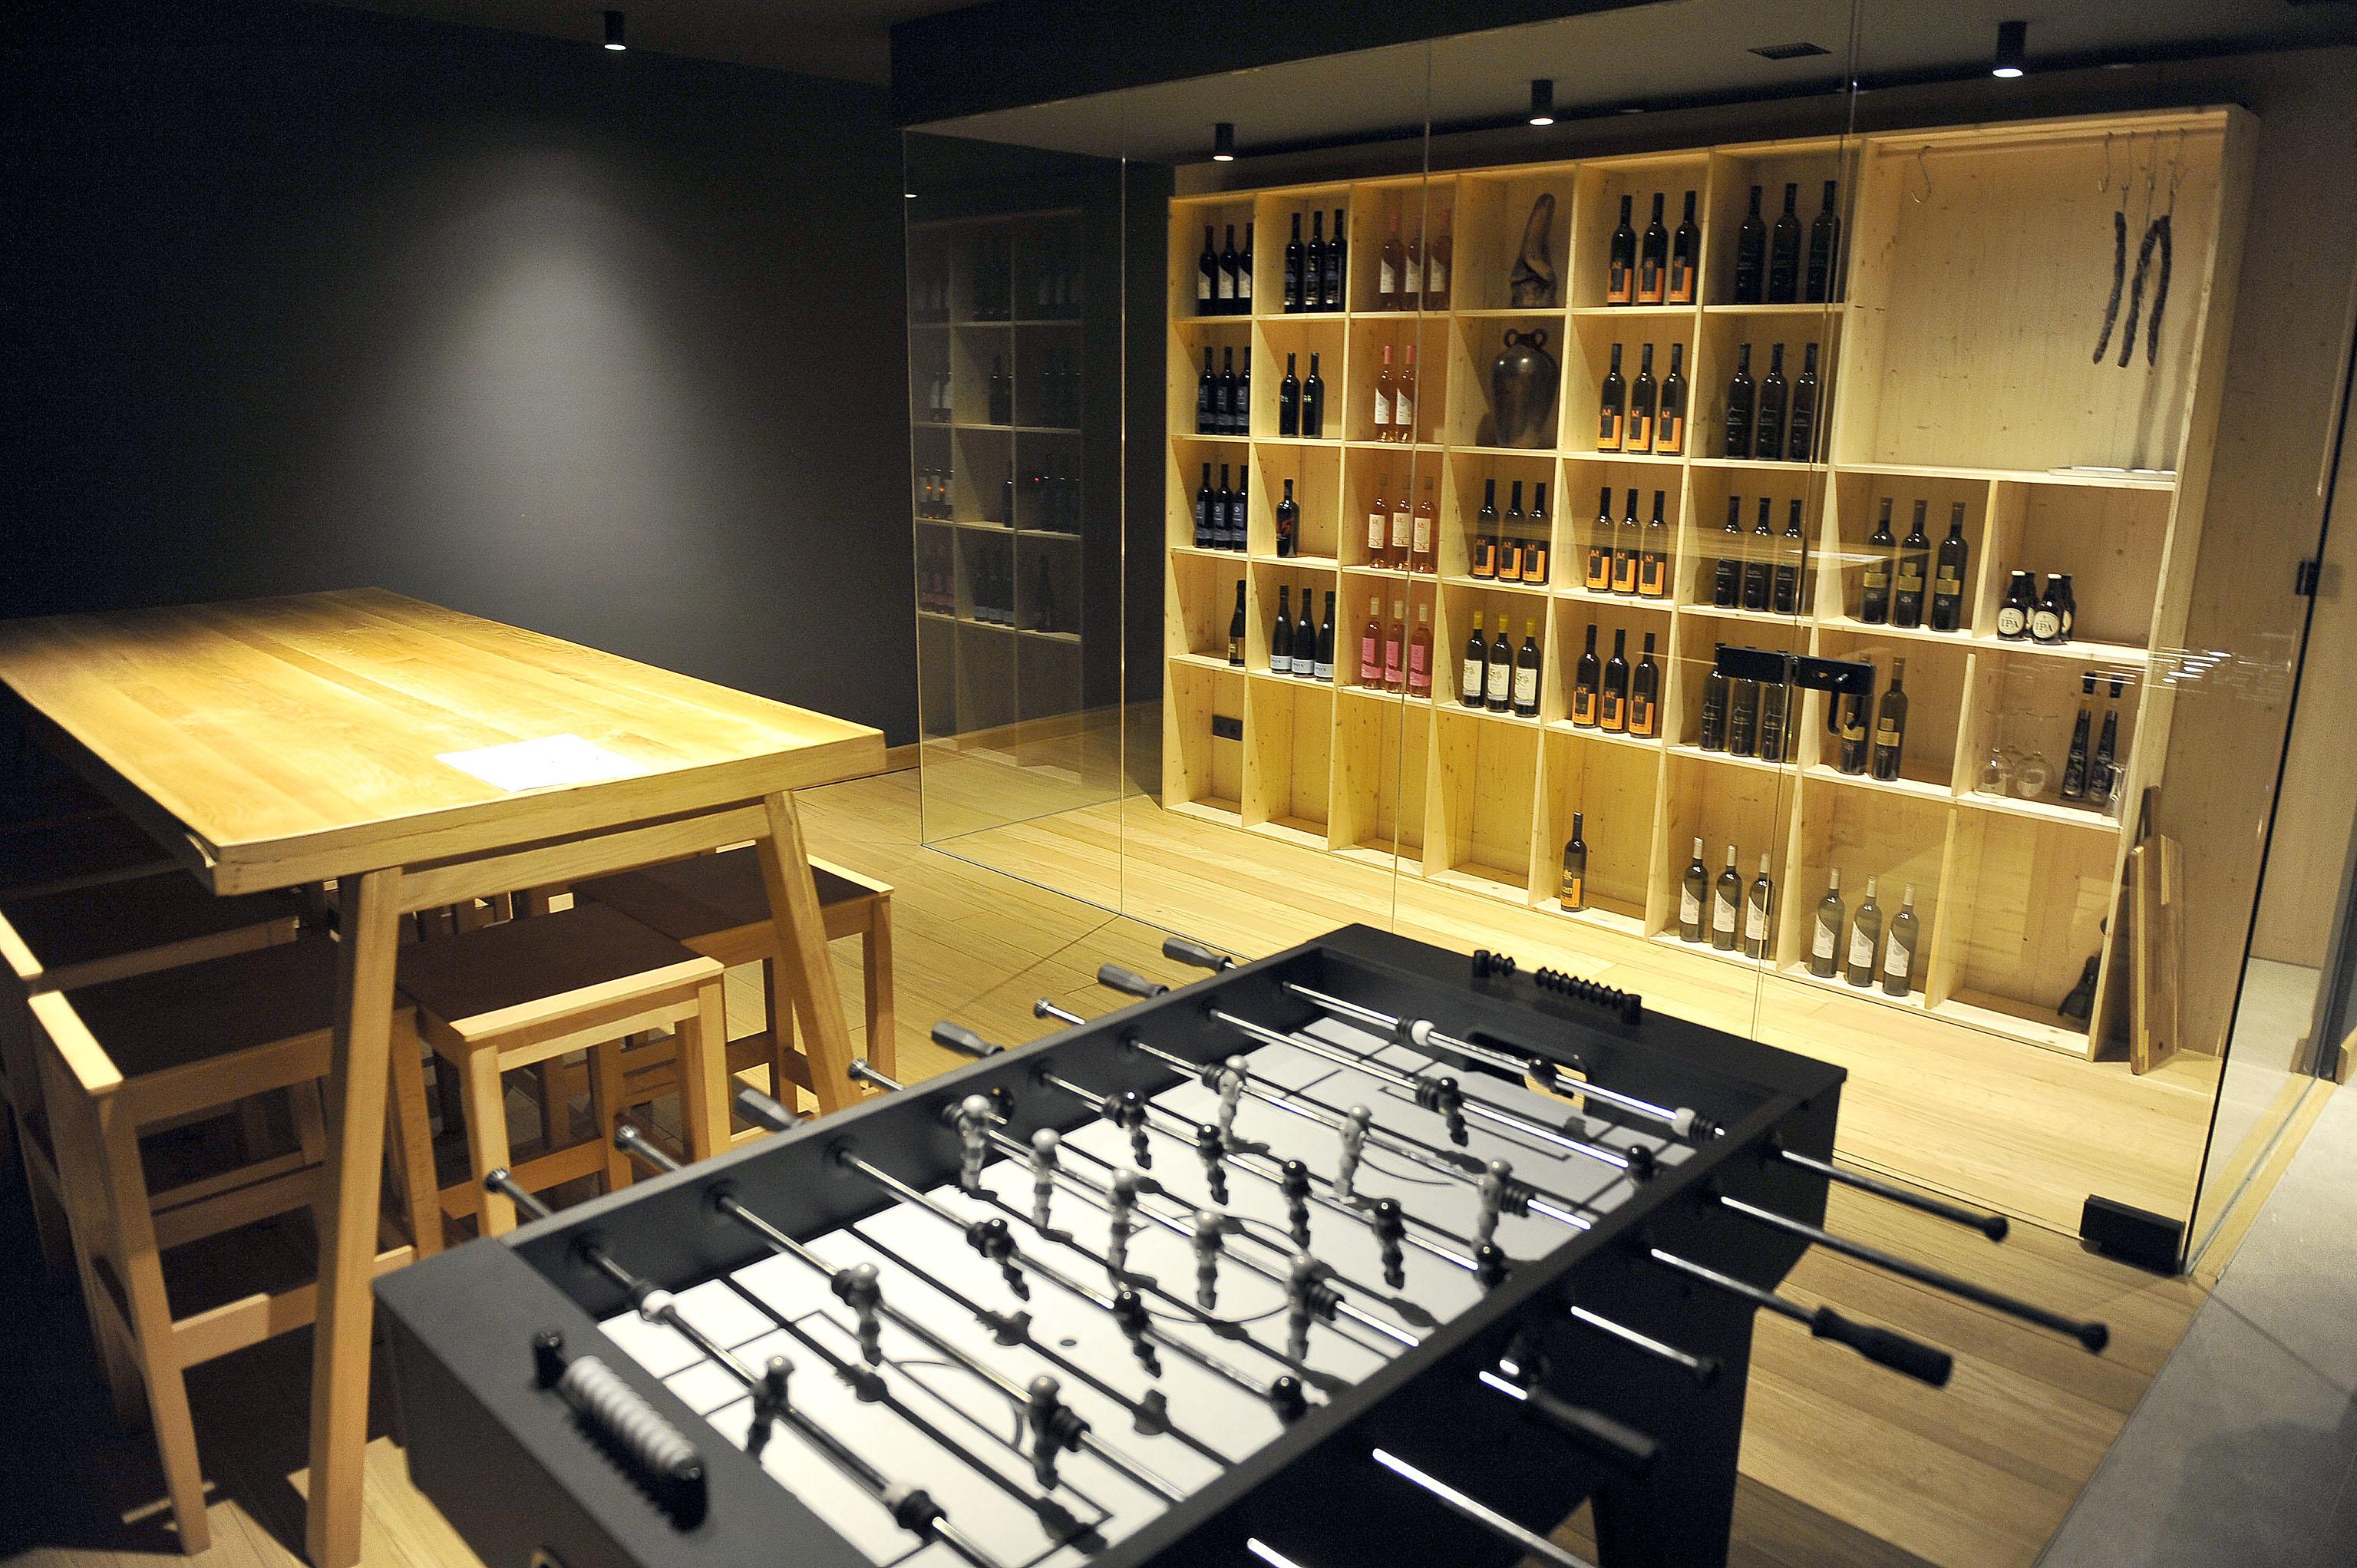 Nube gostima nudi najbolja hrvatska vina i posebno dizajnirani stolni nogomet